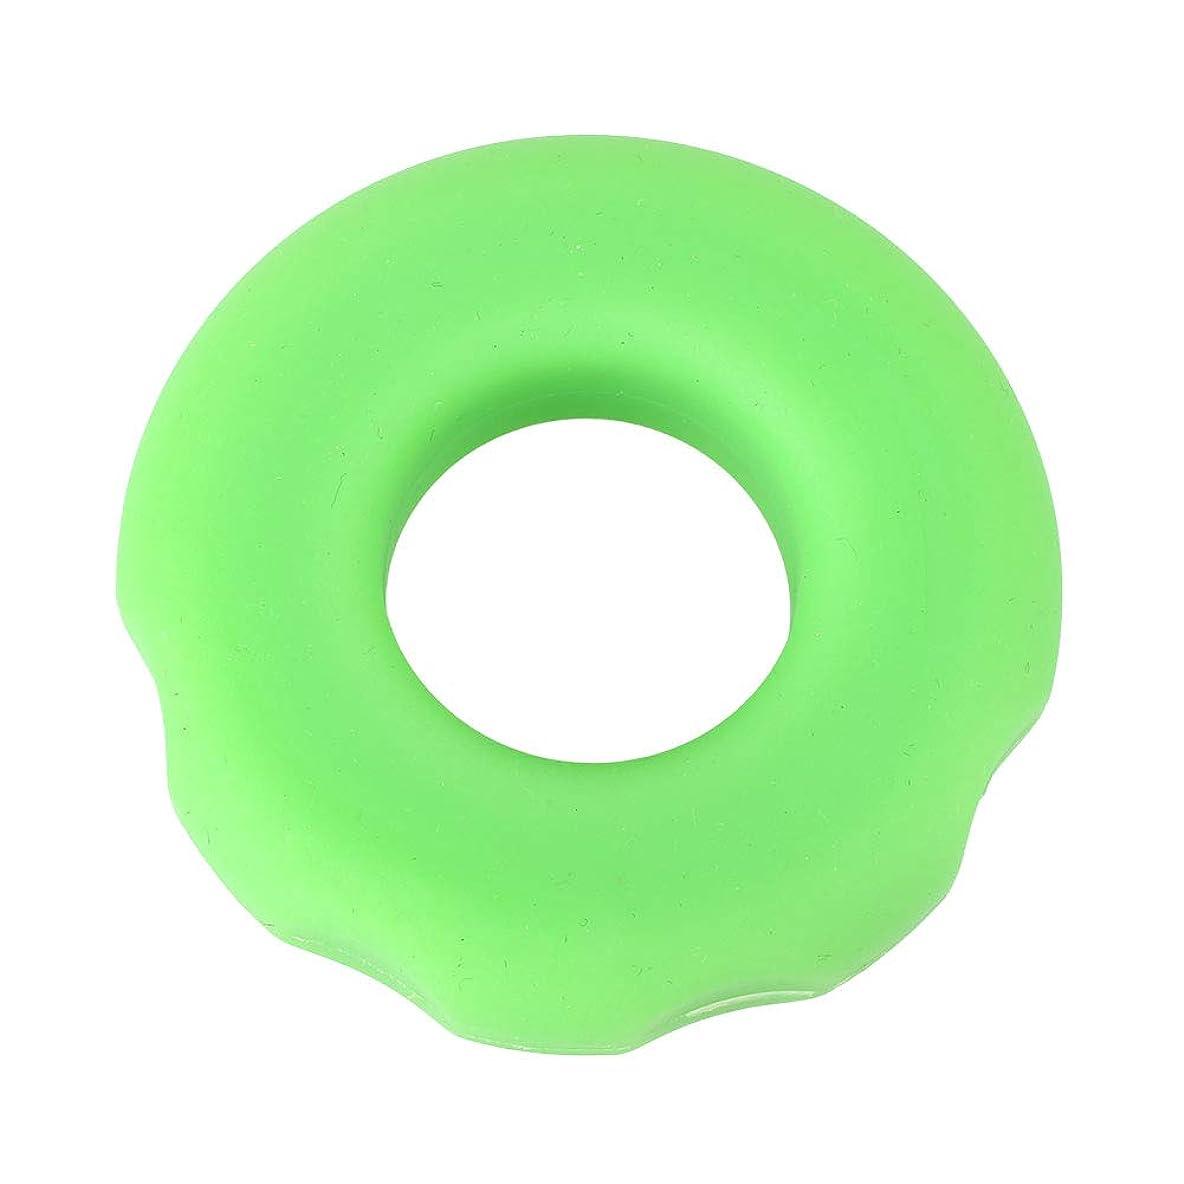 メロドラマ精度安全Beautyrain 軽量 指ハンドグリップ エクササイザエキスパンダーグリッパ 開発 指の器用さ ギフト 7 * 2cm かわいい